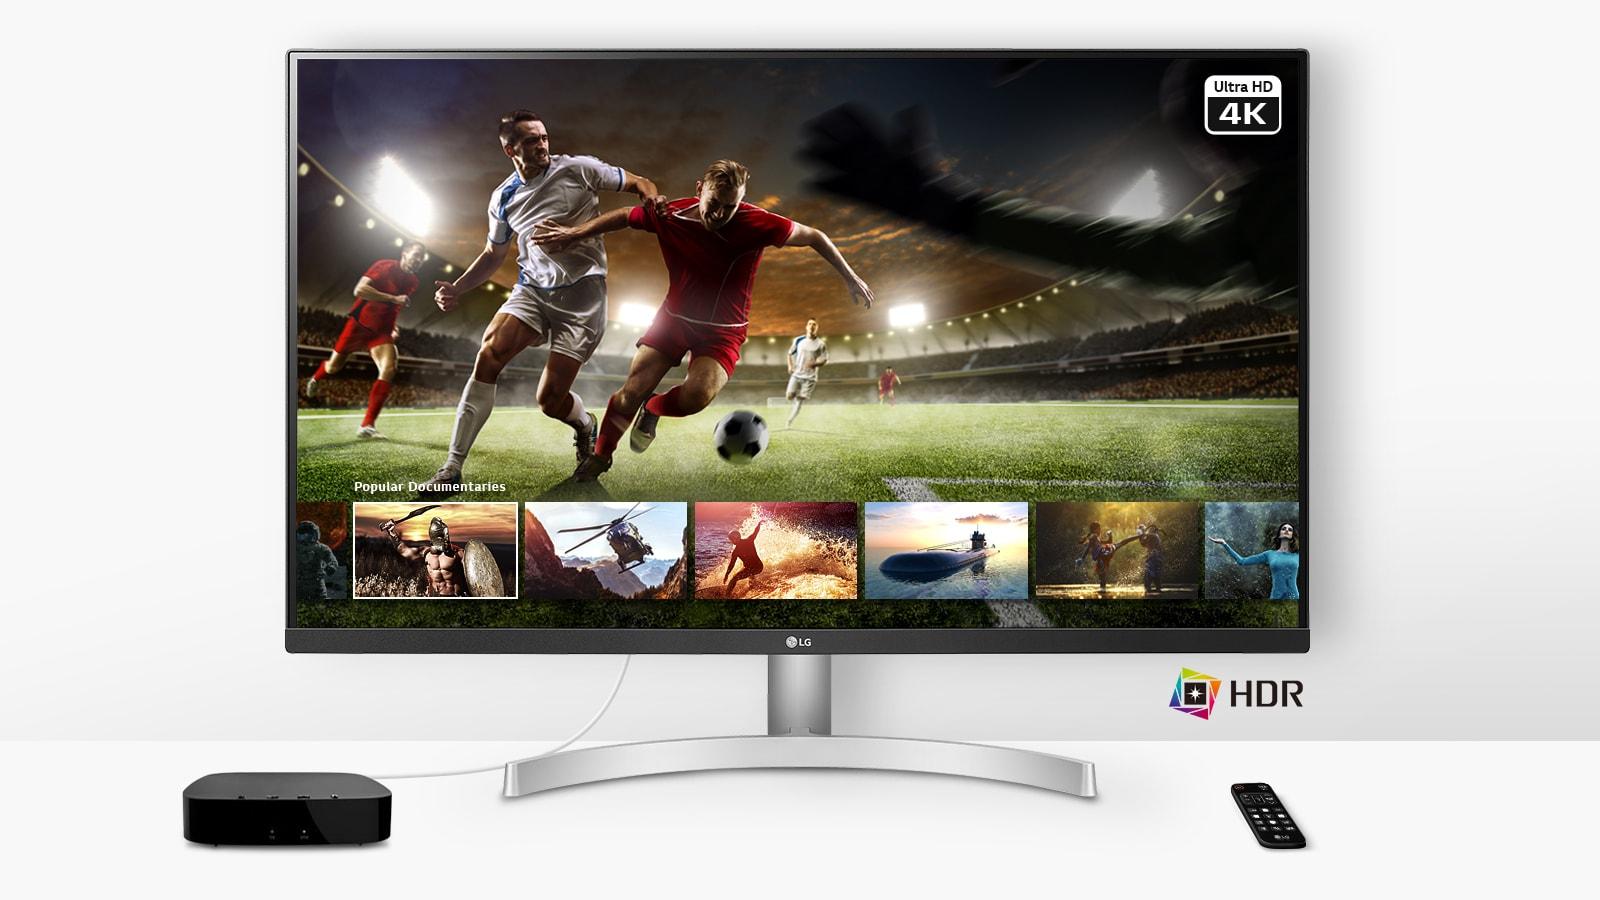 Một trận bóng đá trực tiếp đang phát trên màn hình Ultra HD 4K HDR từ dịch vụ phát trực tuyến